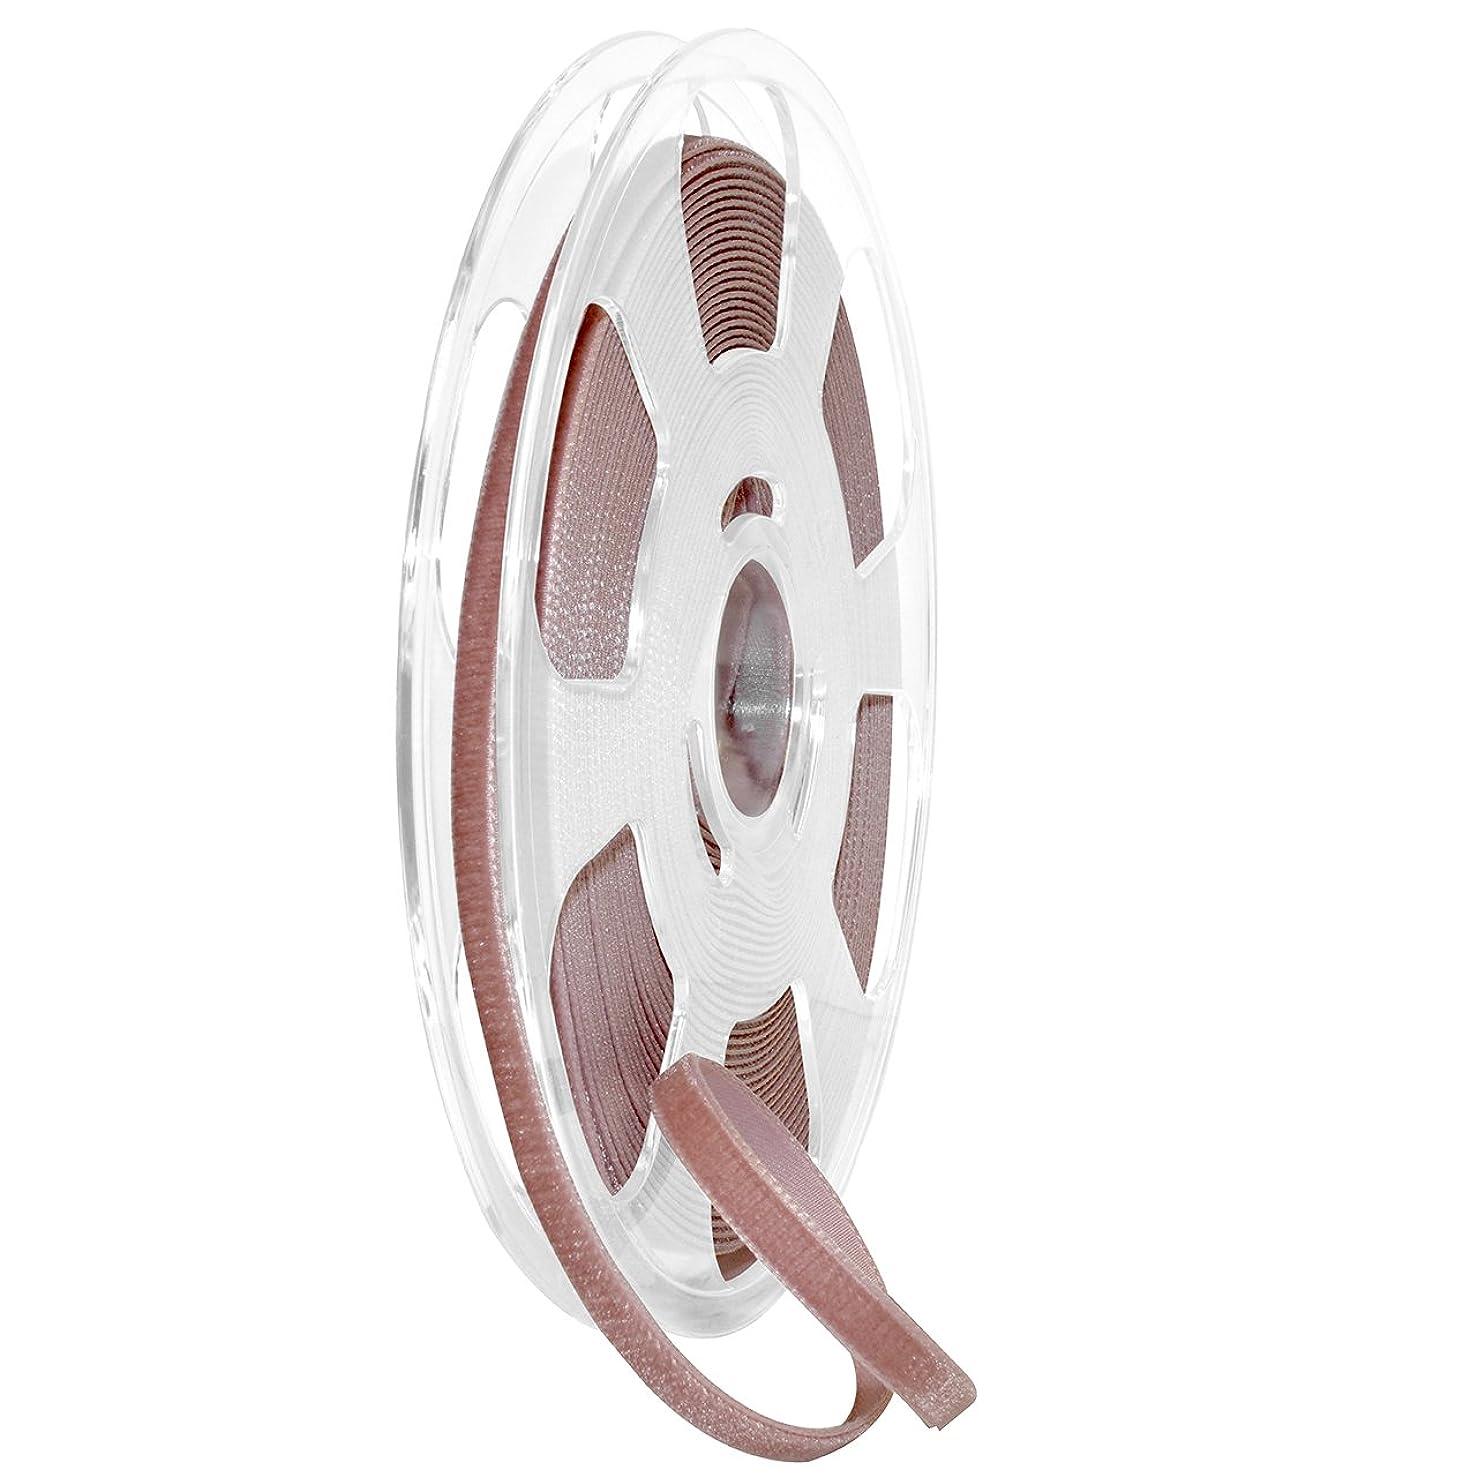 Morex Ribbon Nylvalour Velvet Ribbon, Nylon, 5/16 inch by 11 Yards, Rosy Mauve, Item 01207/10-263, 5/16